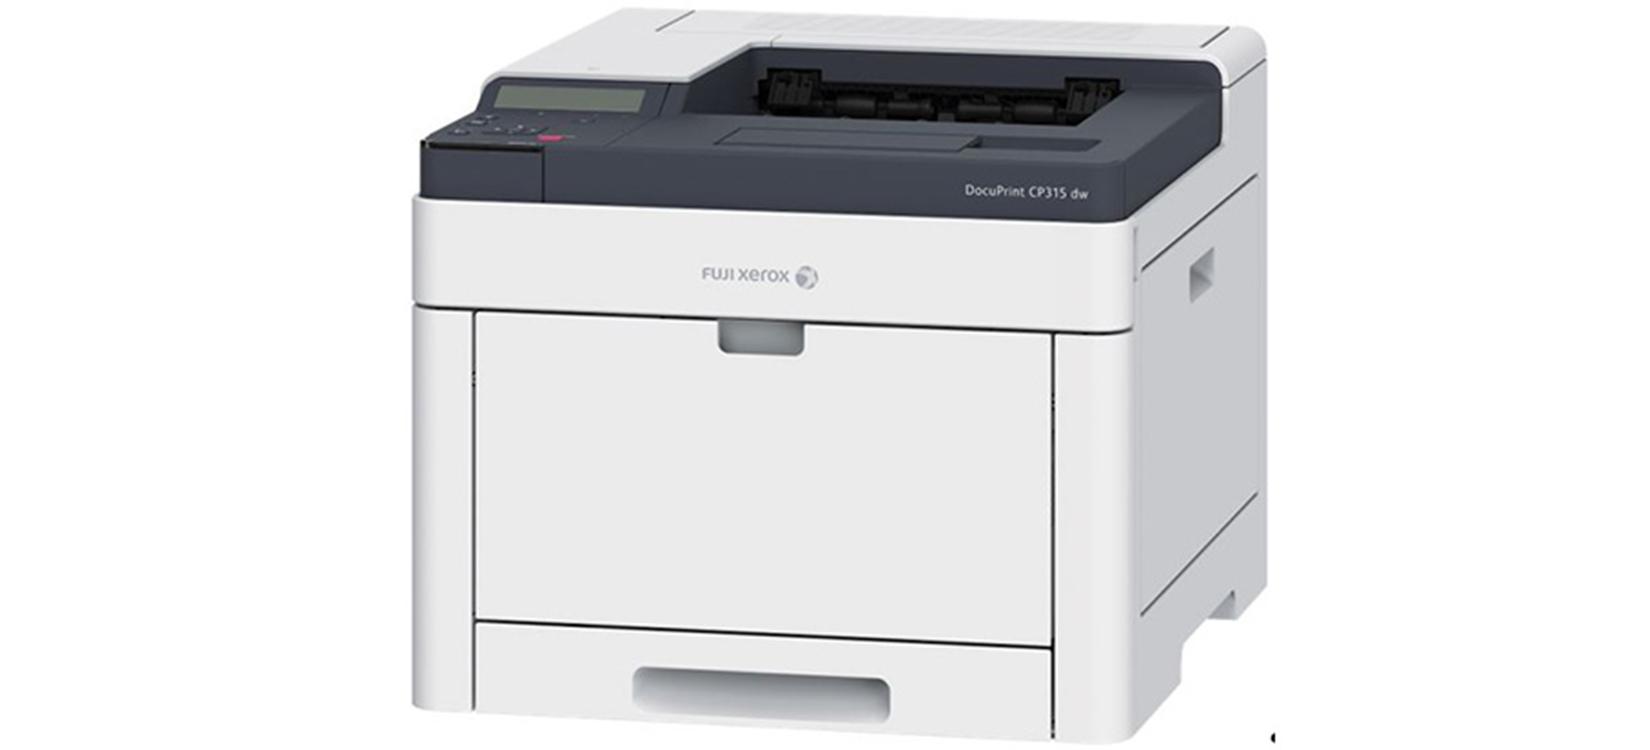 Máy in Fuji Xerox DocuPrint CP315 dw